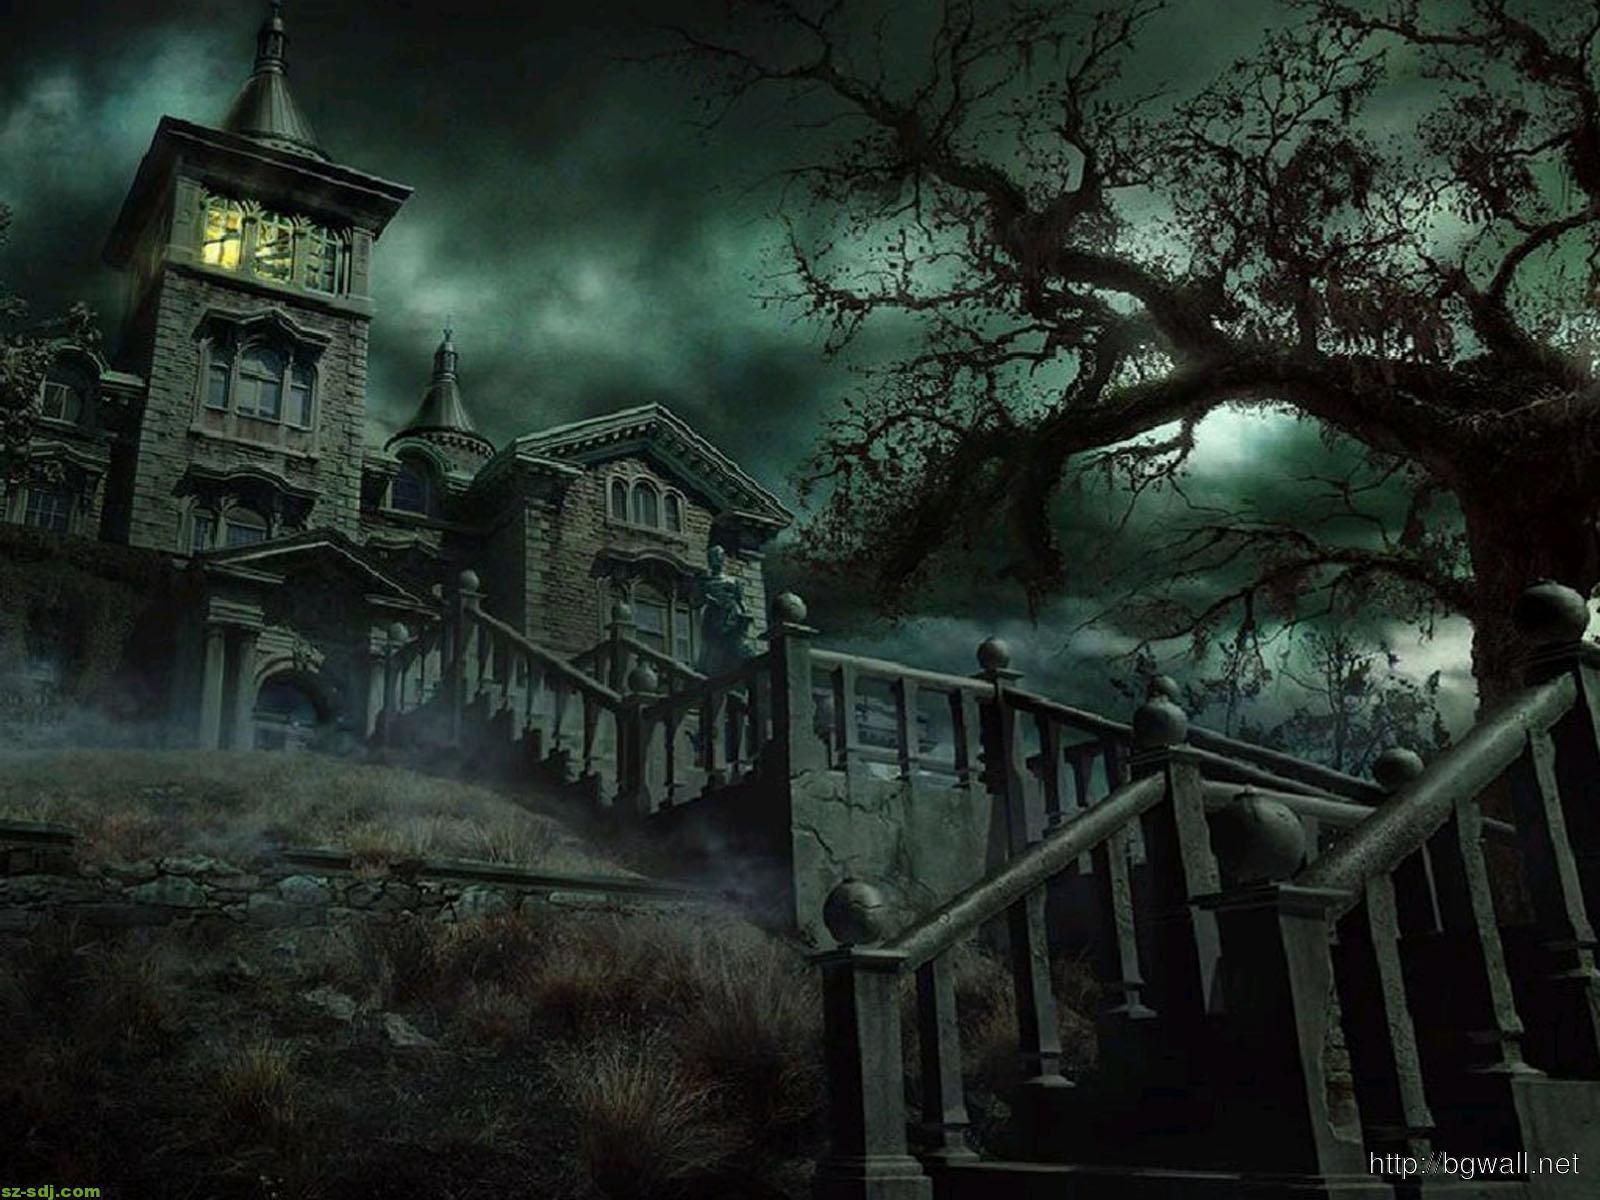 horror-house-wallpaper-background